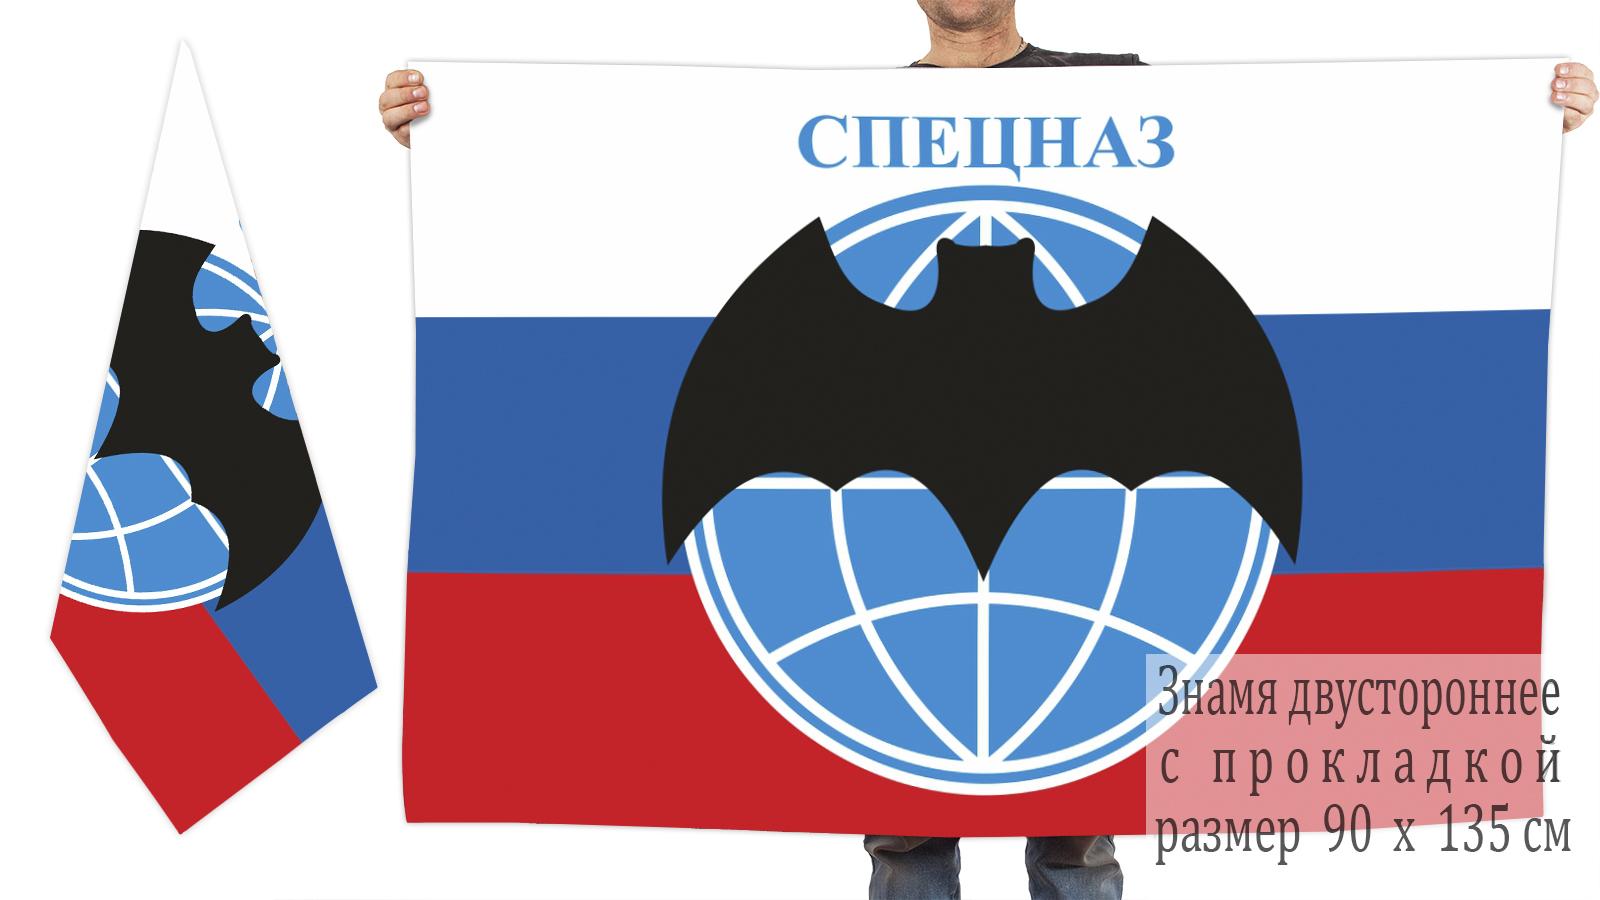 Заказать двусторонний флаг РФ с эмблемой Спецназа ГРУ с доставкой